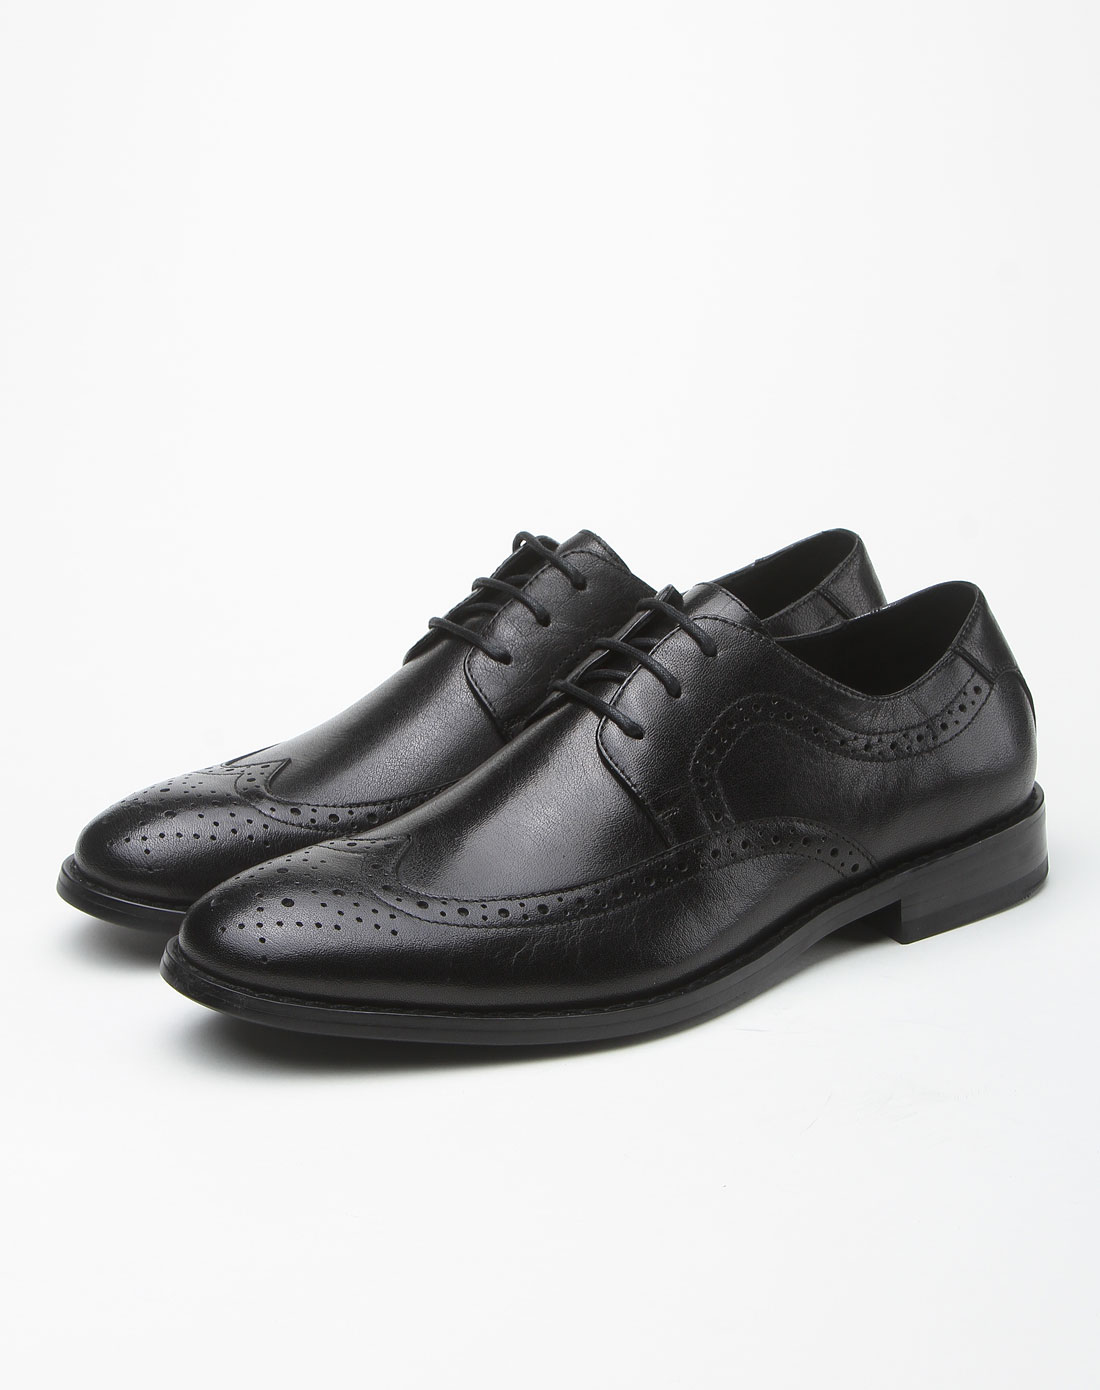 黑色布洛克商务正装皮鞋图片